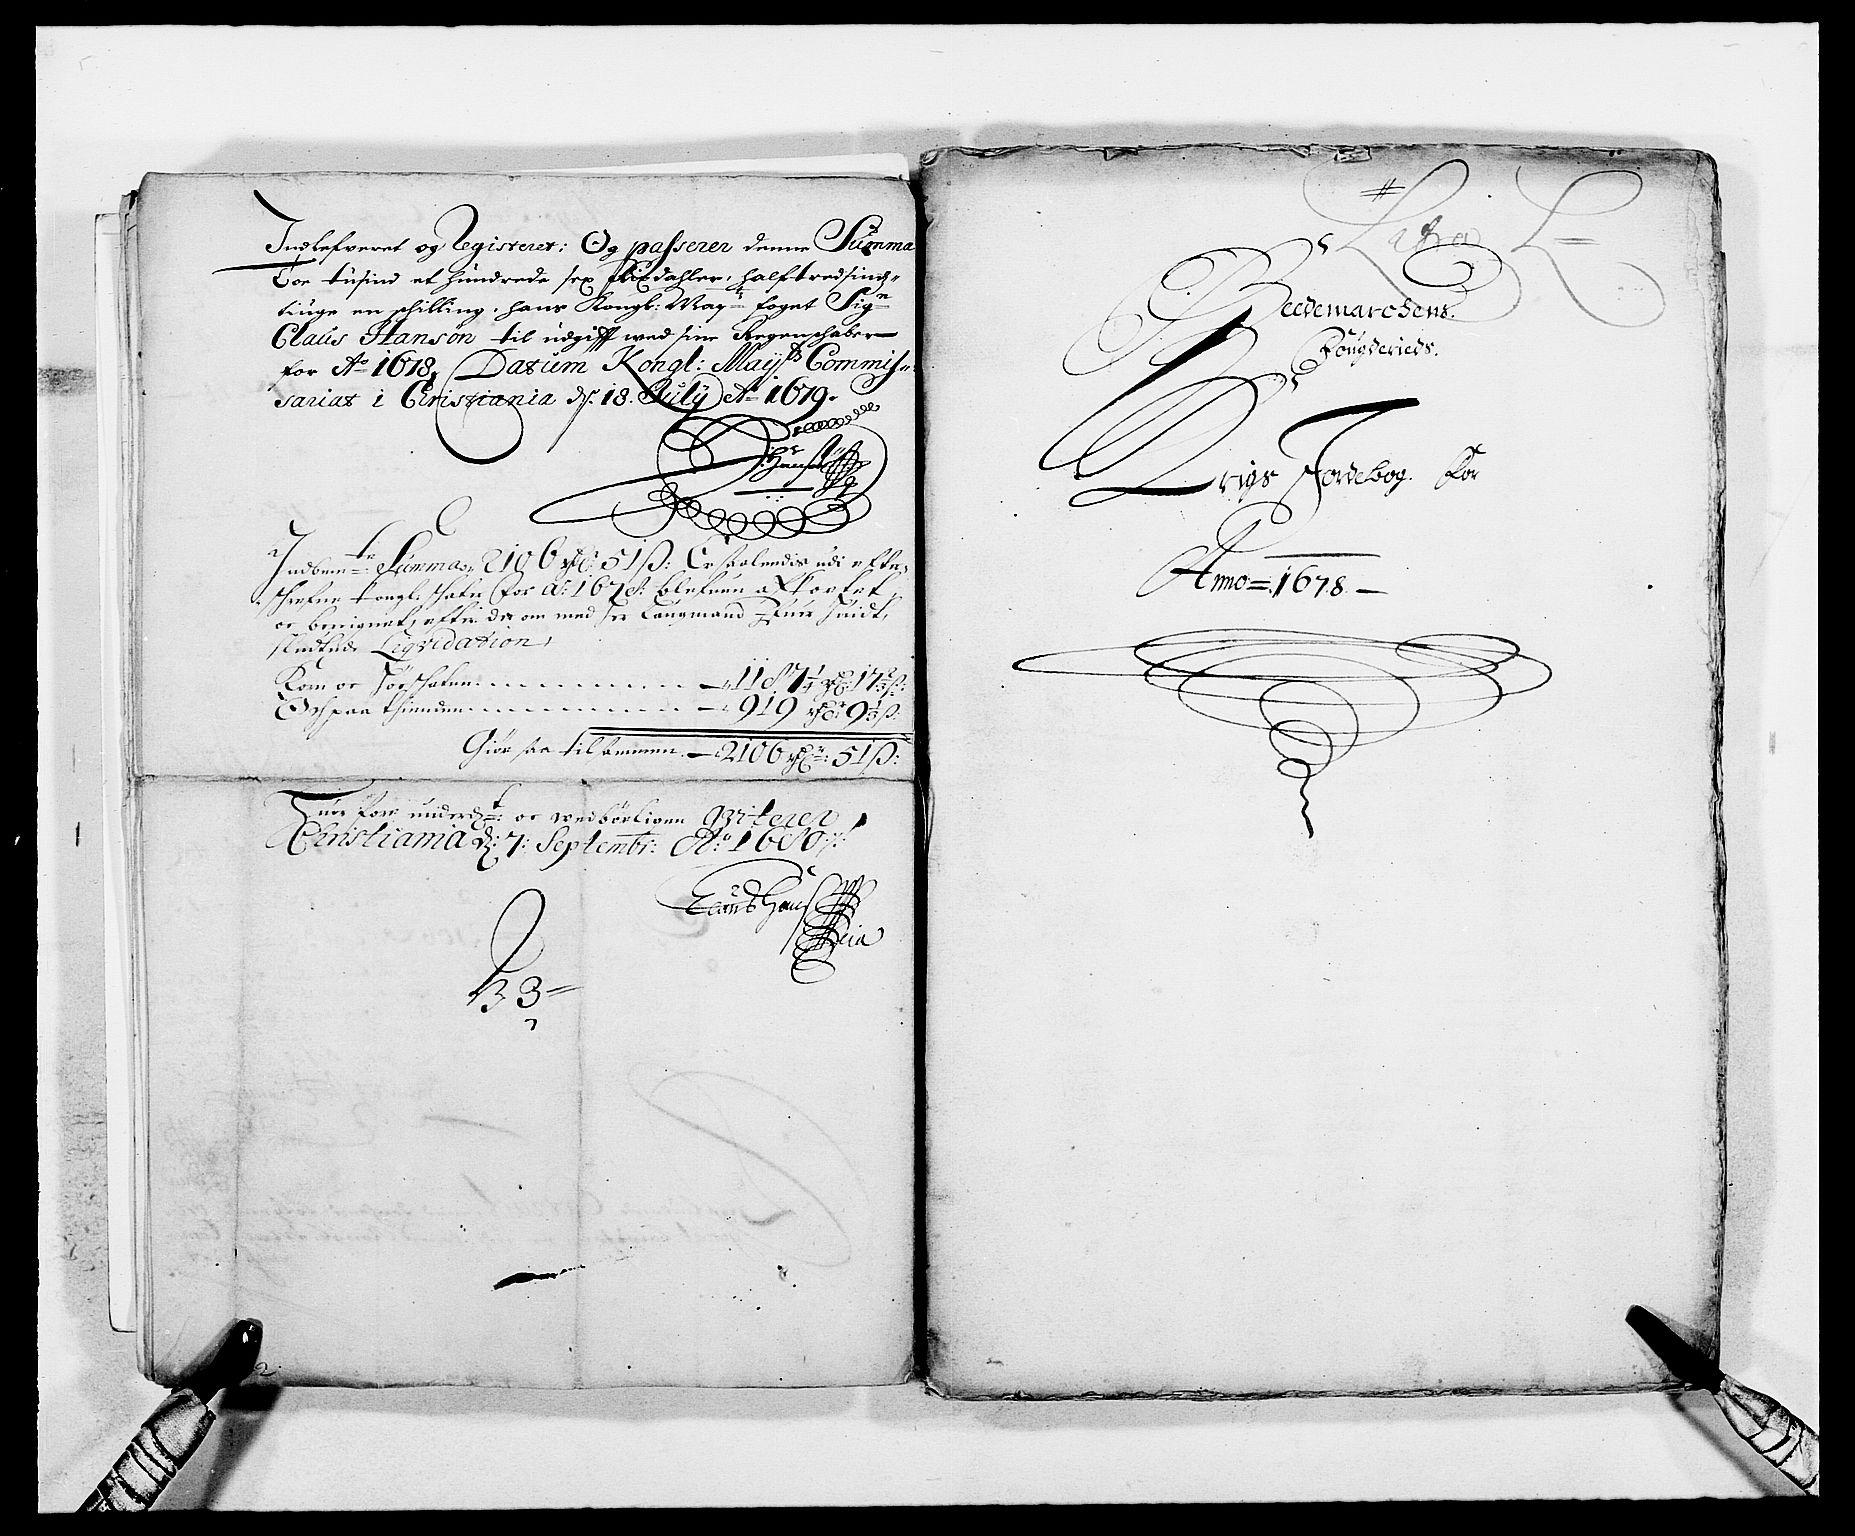 RA, Rentekammeret inntil 1814, Reviderte regnskaper, Fogderegnskap, R16/L1019: Fogderegnskap Hedmark, 1679, s. 14